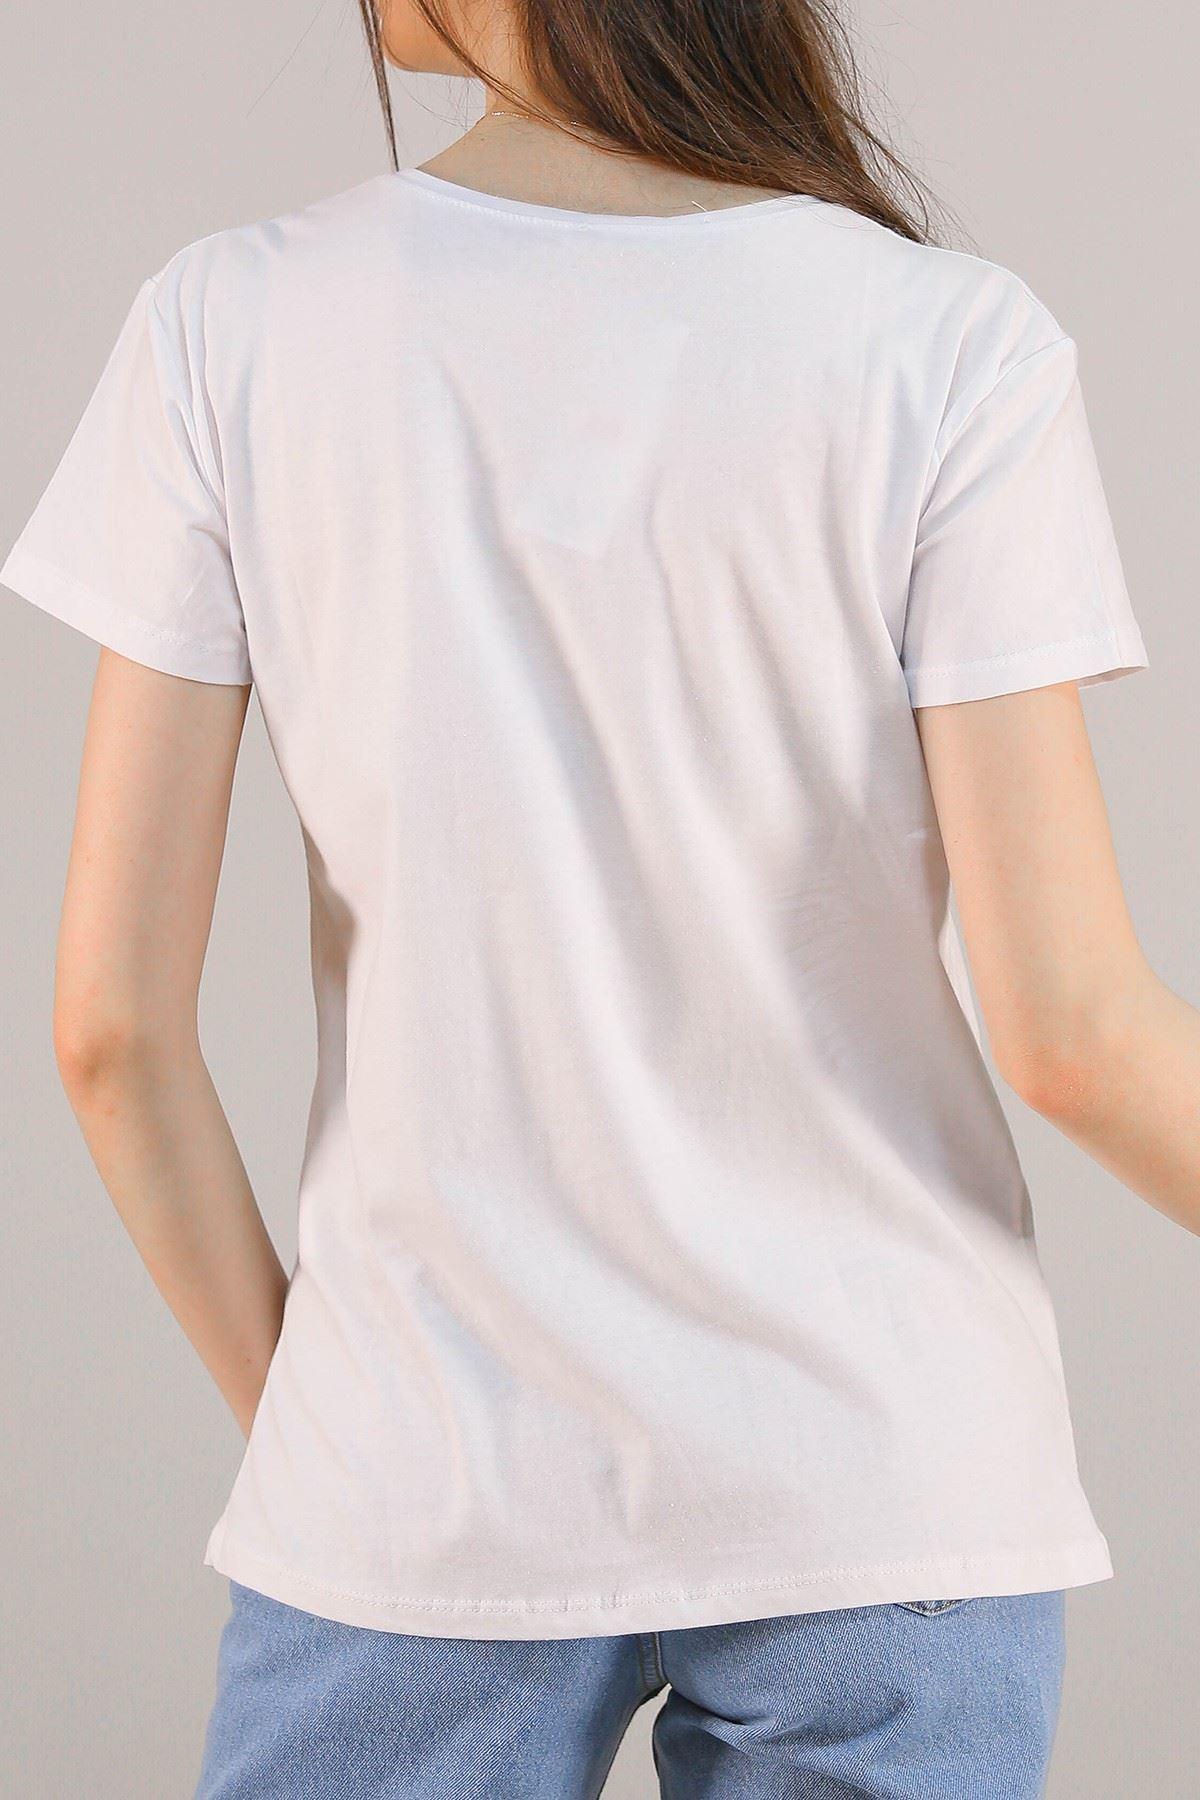 Baskılı Pullu Tişört Beyaz - 5012.336.